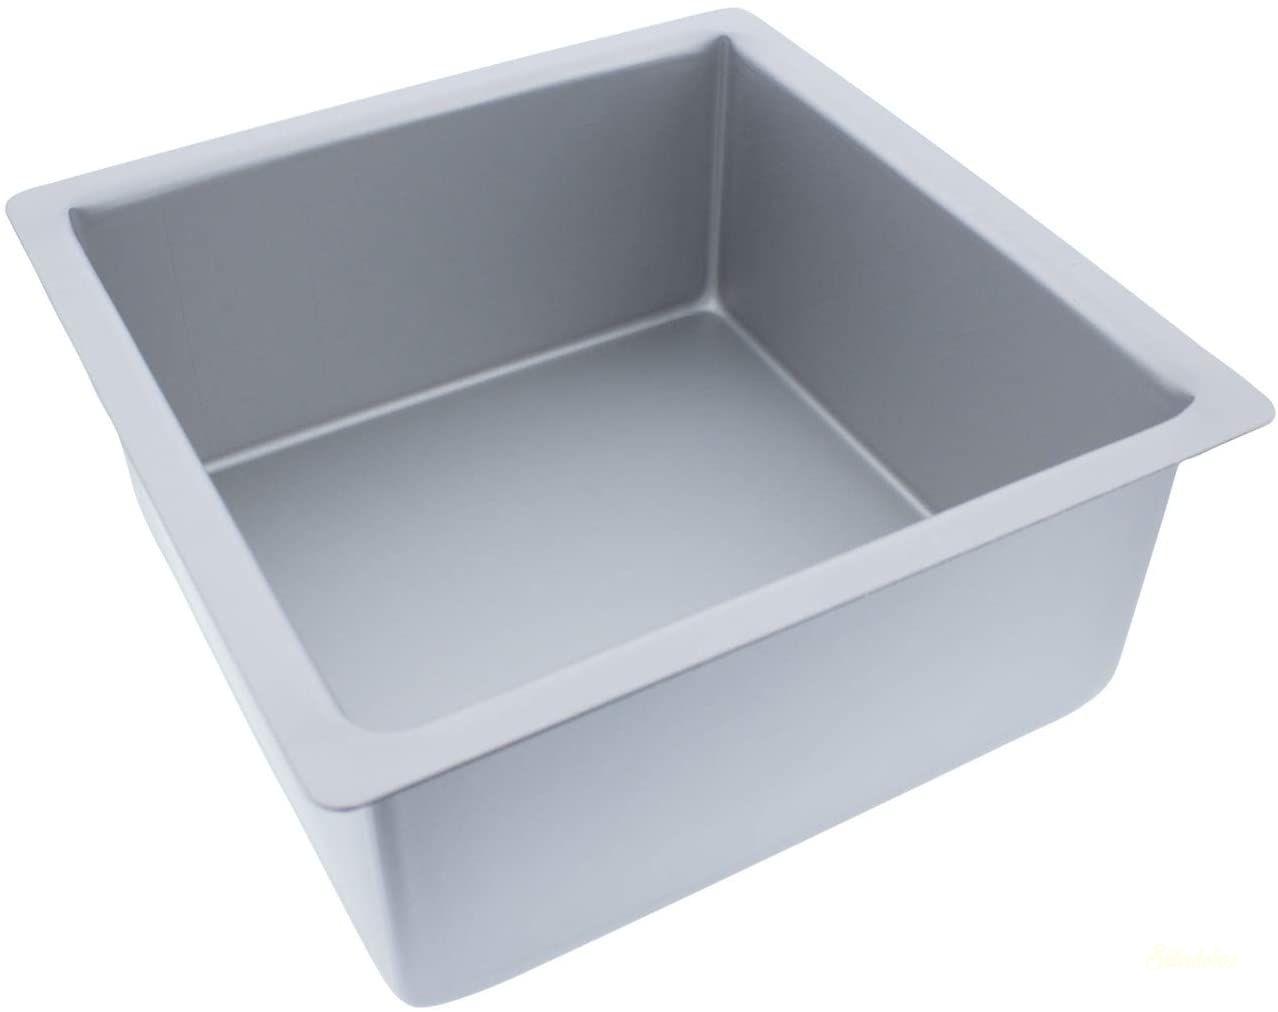 Decora alumínium sütőforma Szögletes - 20x20cm